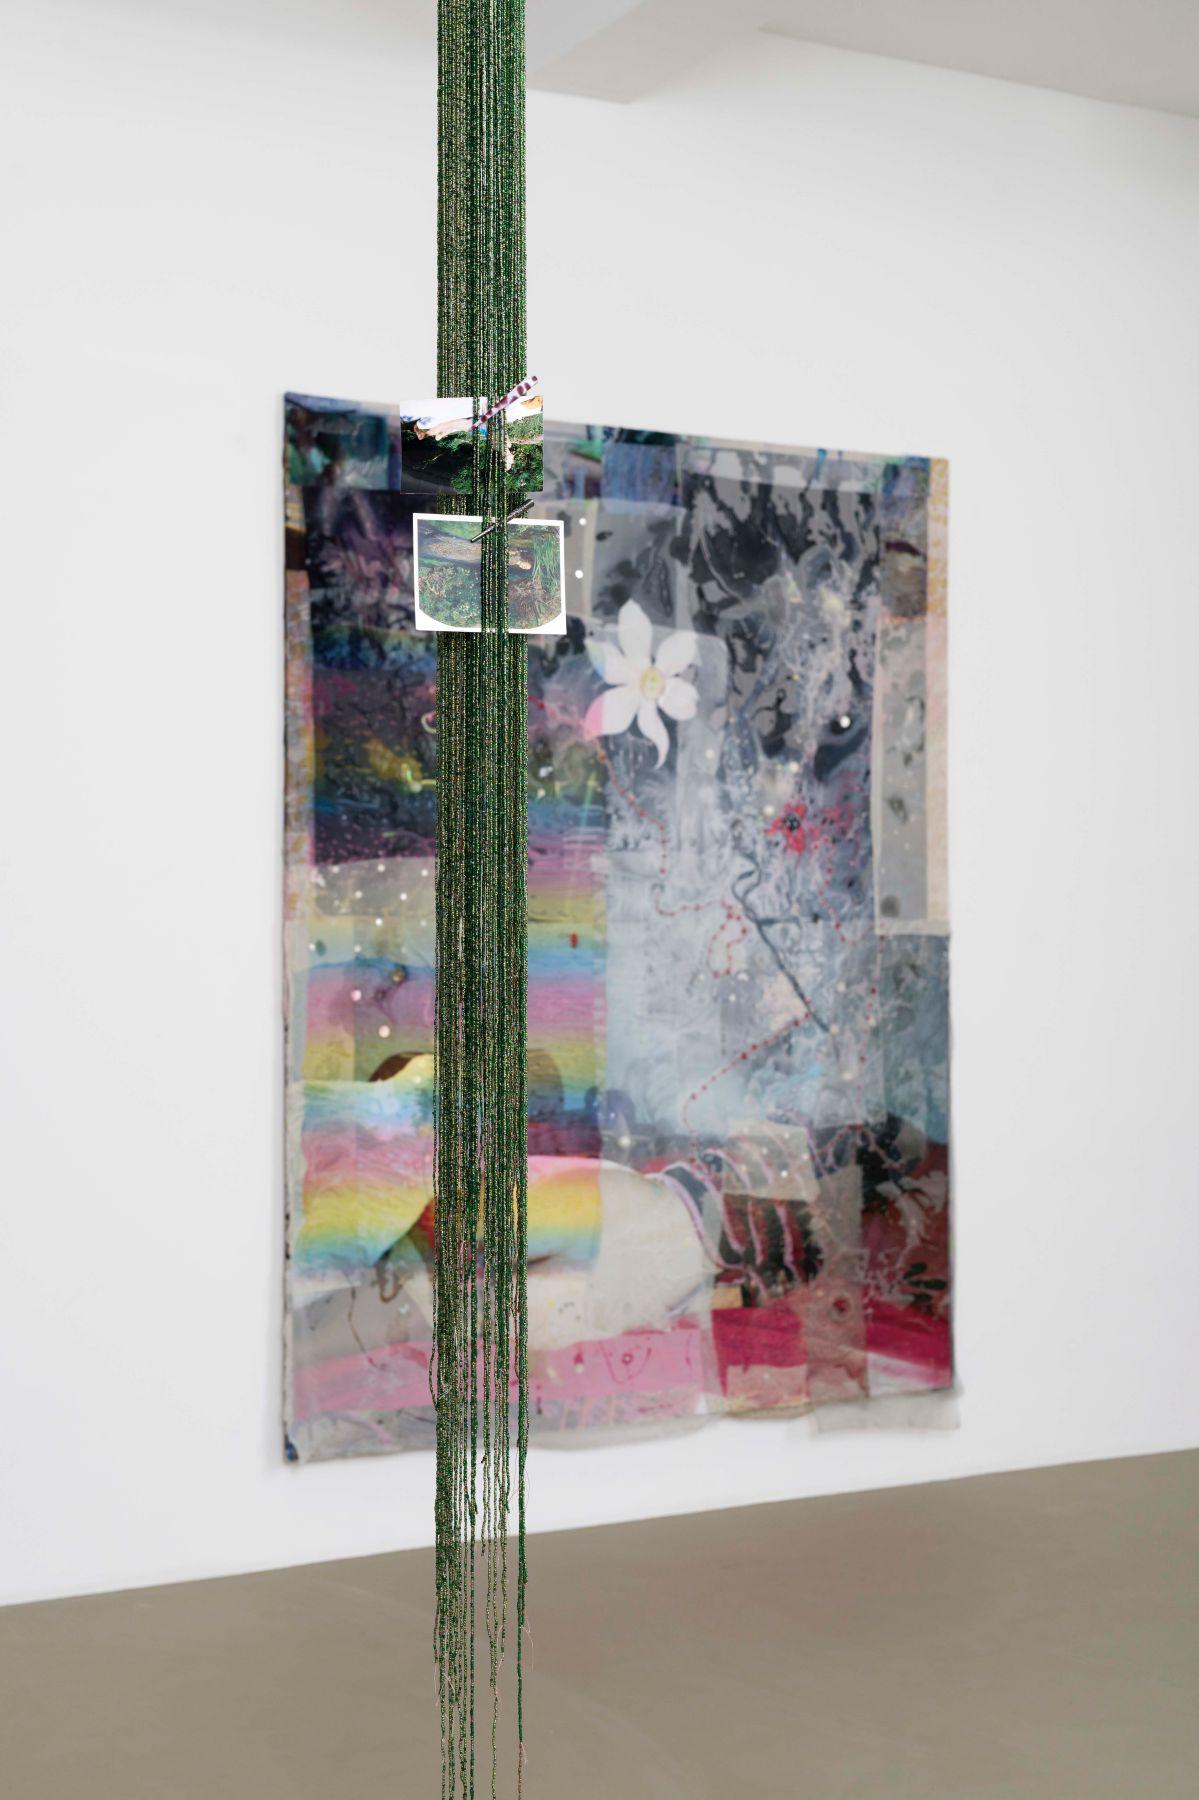 Mimosa Echard - Numbs, vue de l'installation à la Galerie Chantal Crousel, 2021 © Aurélien Mole